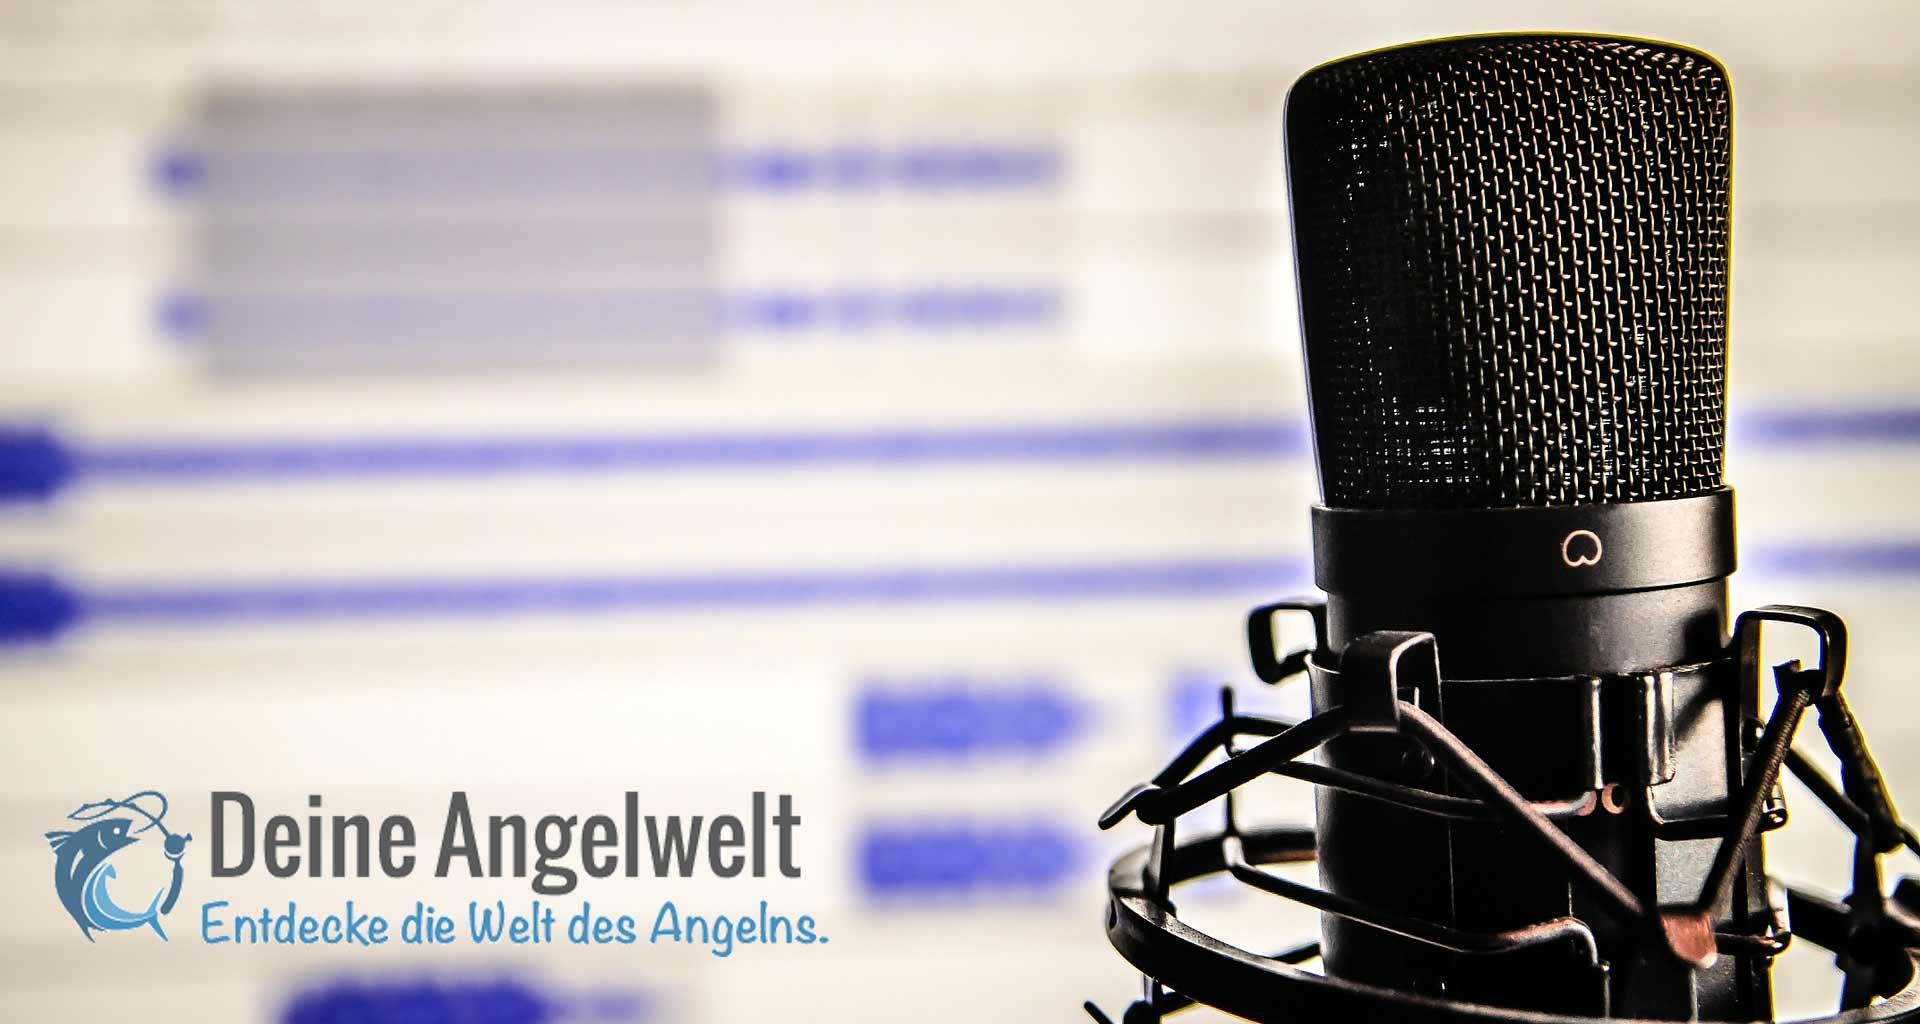 Angeln Podcast – Spannende Themen rund ums Angeln